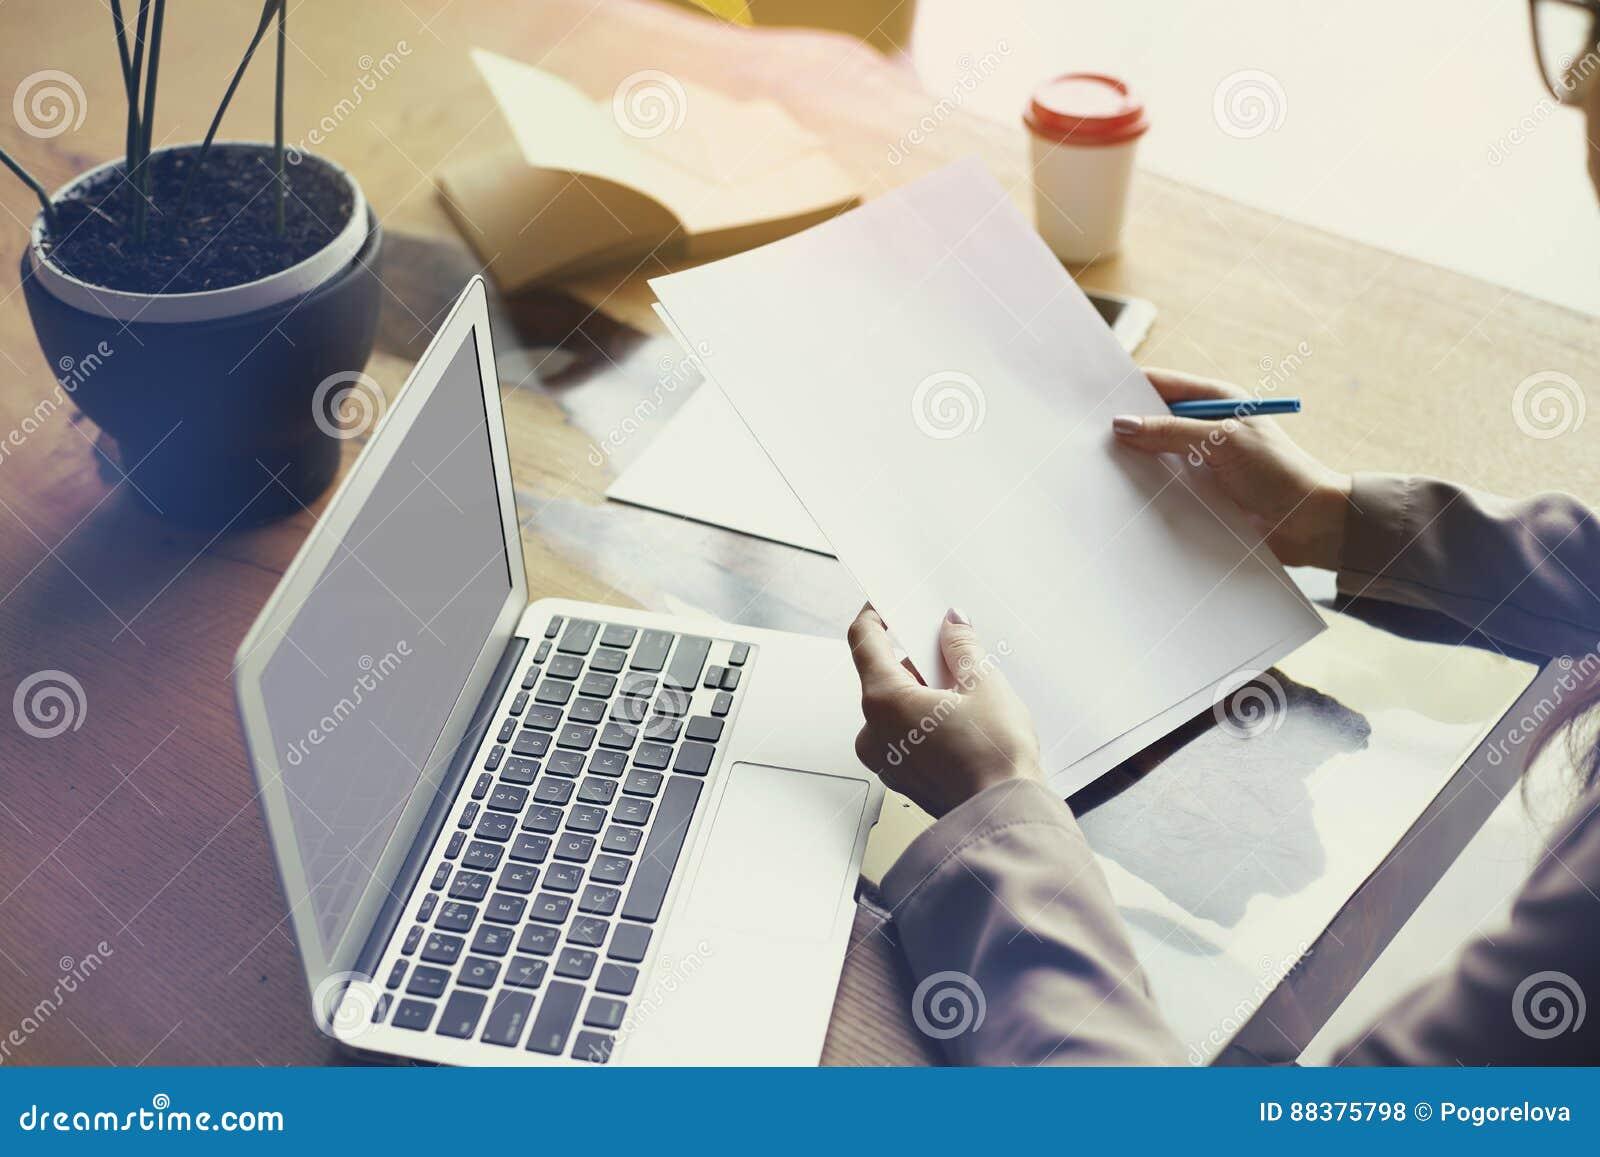 Dokumente tapezieren Blatt im Dachbodenbüro und arbeiten an Laptop-Computer Teamfunktion, Geschäftsleute Raum für Entwurf